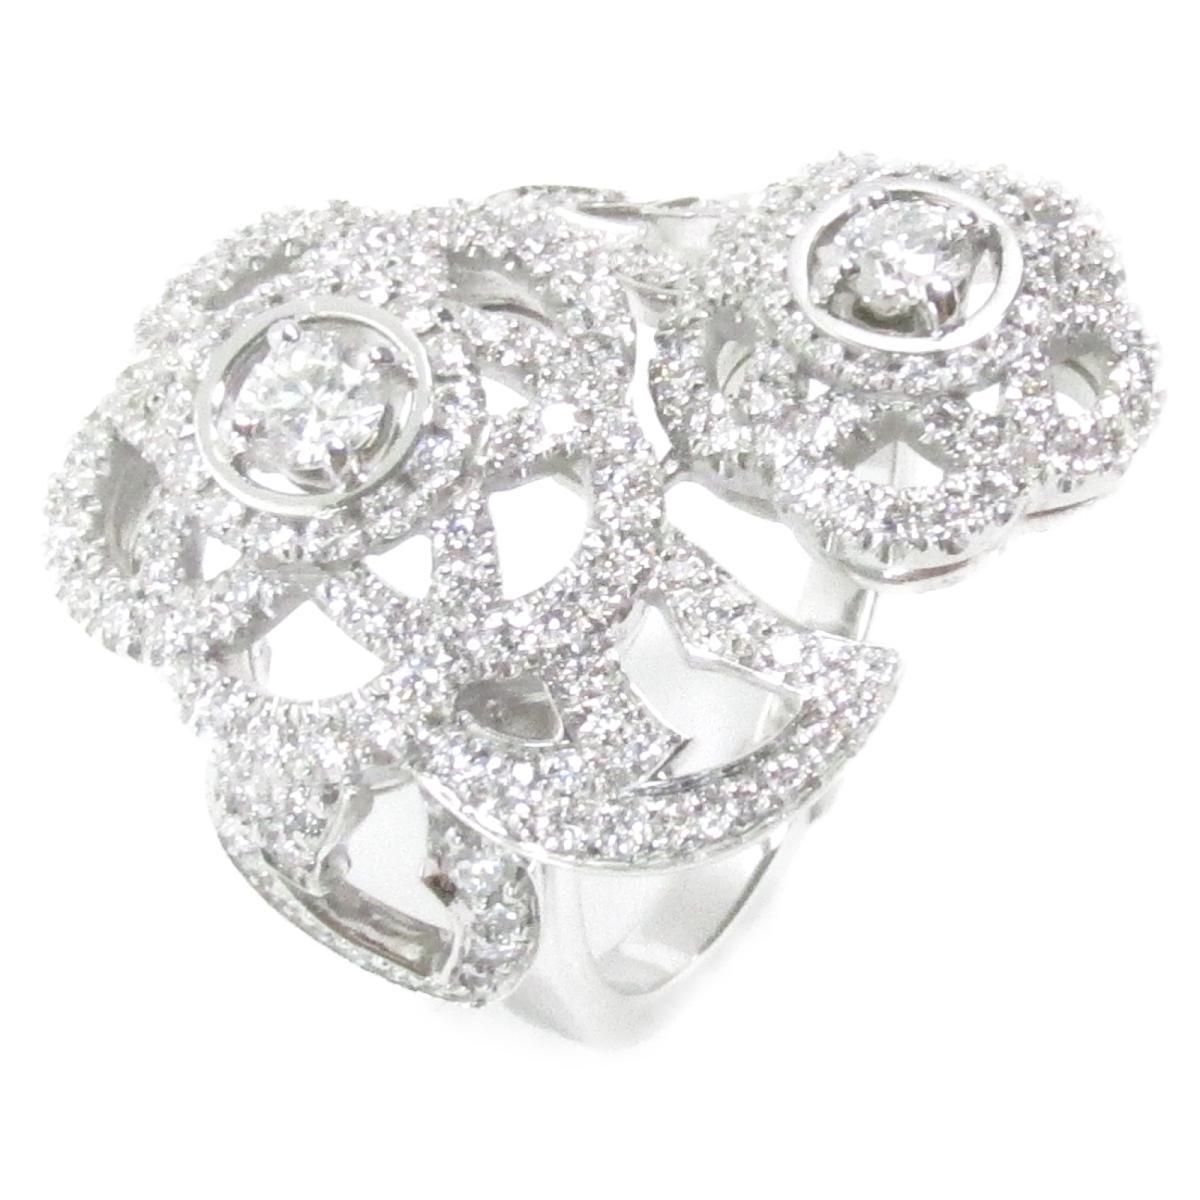 シャネル カメリア ダイヤモンドリング 指輪 ブランドジュエリー レディース K18WG (750) ホワイトゴールド x ダイヤモンド 【中古】 | CHANEL BRANDOFF ブランドオフ ブランド ジュエリー アクセサリー リング